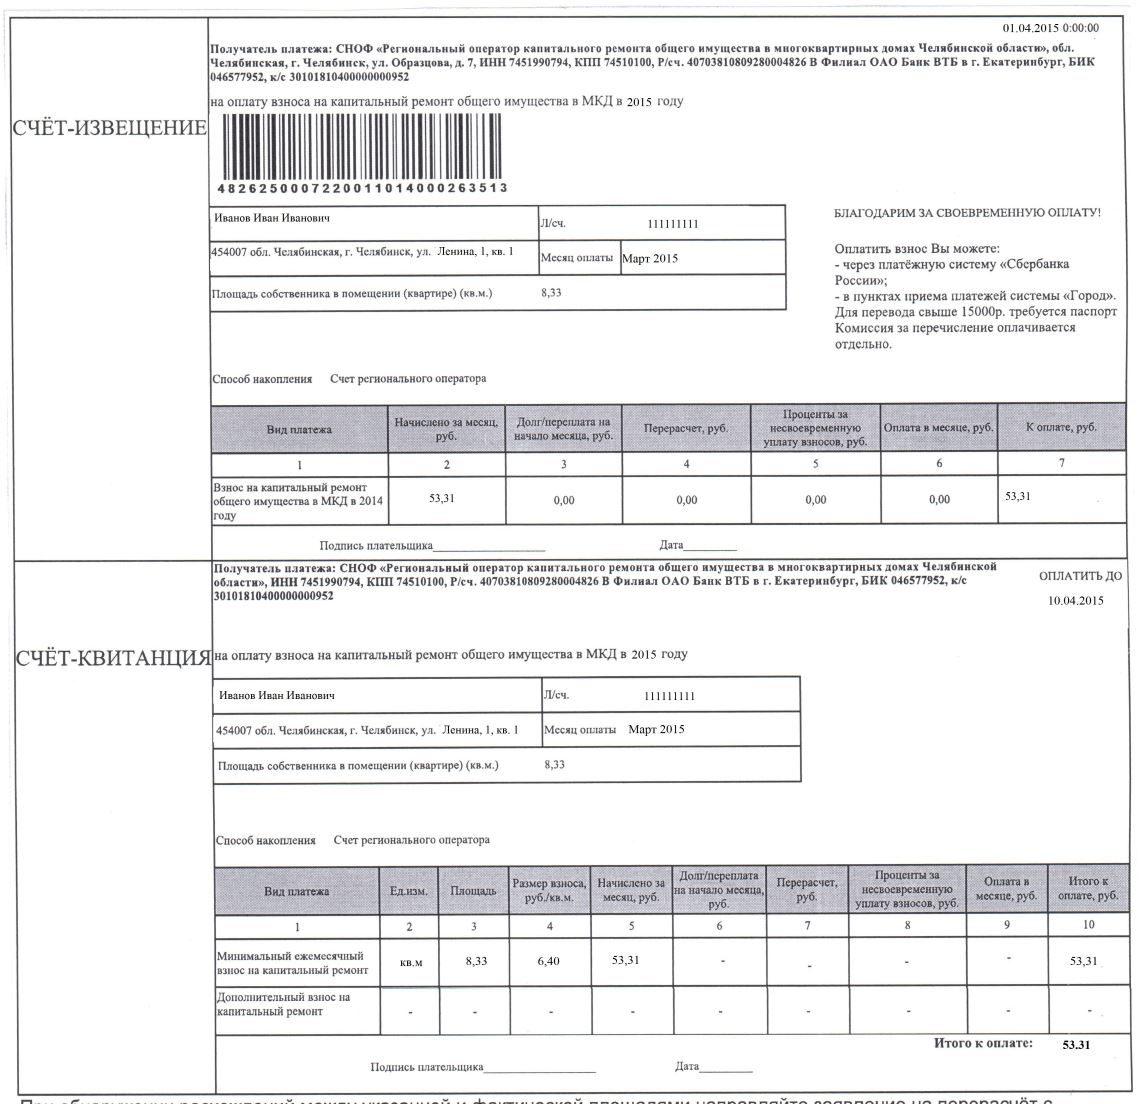 Образец квитанции за капитальный ремонт.